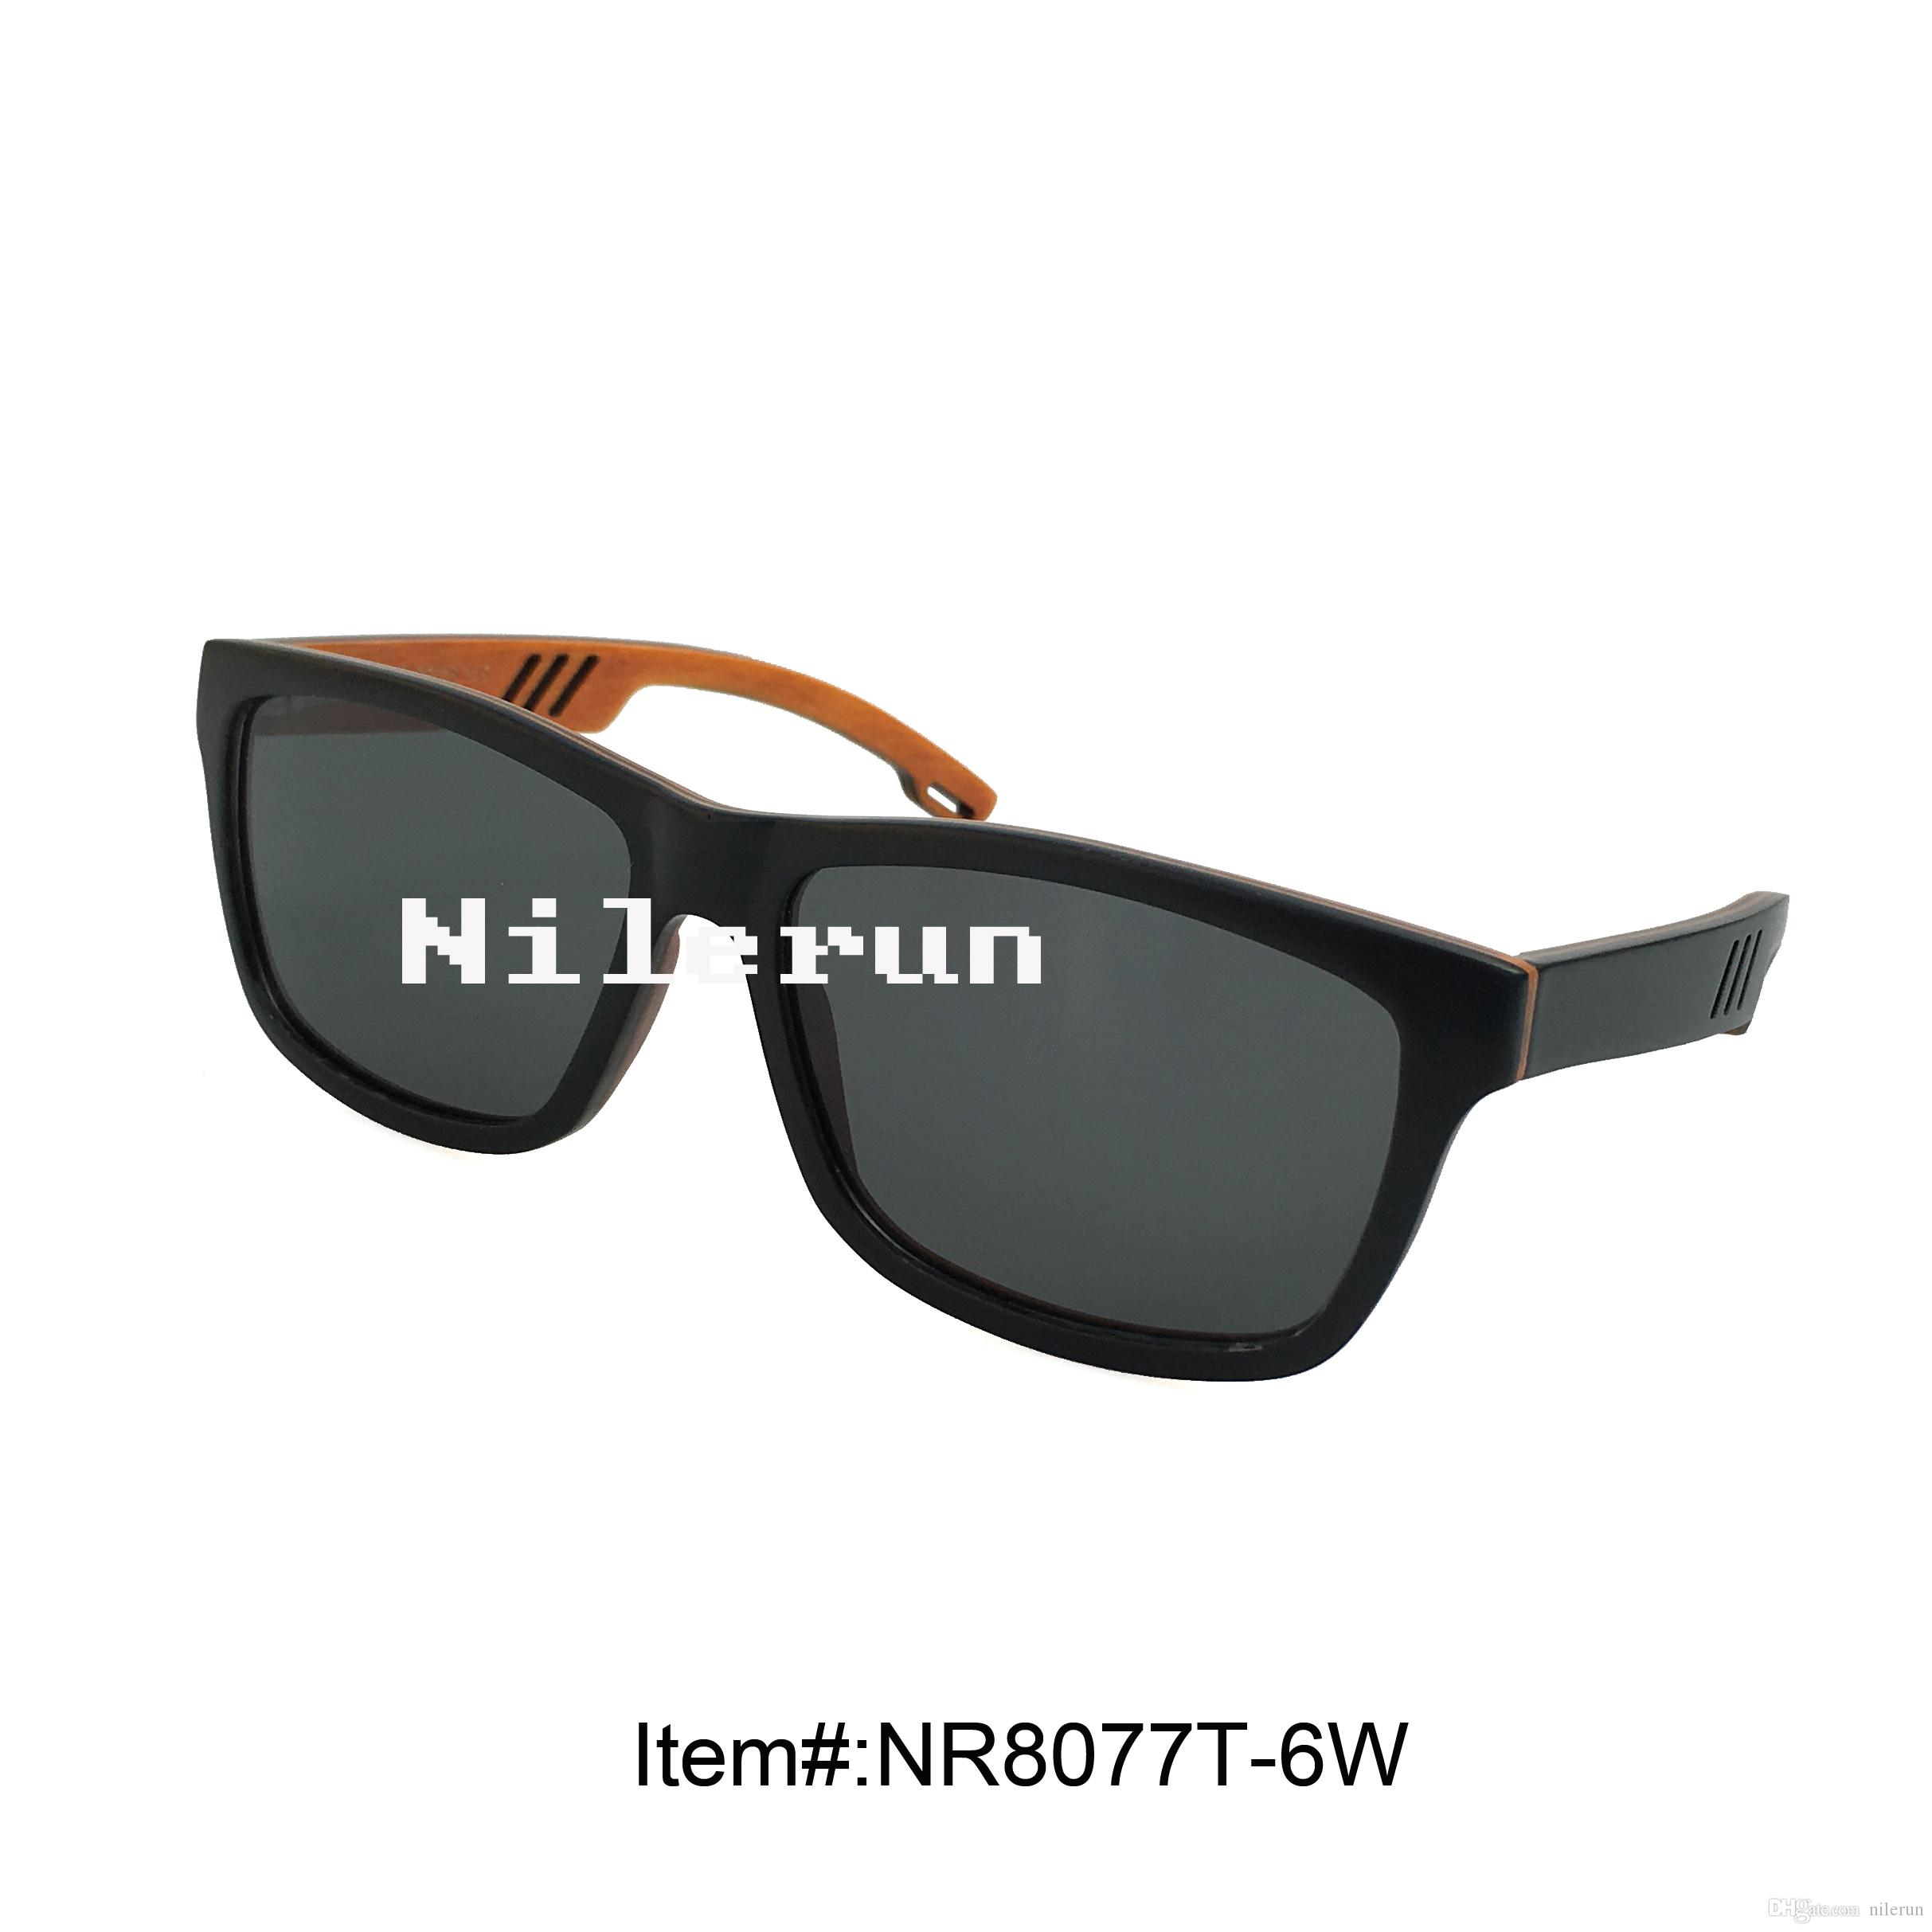 oyuk oyma tapınaklar ile süper hafif ince siyah kaykay ahşap güneş gözlüğü